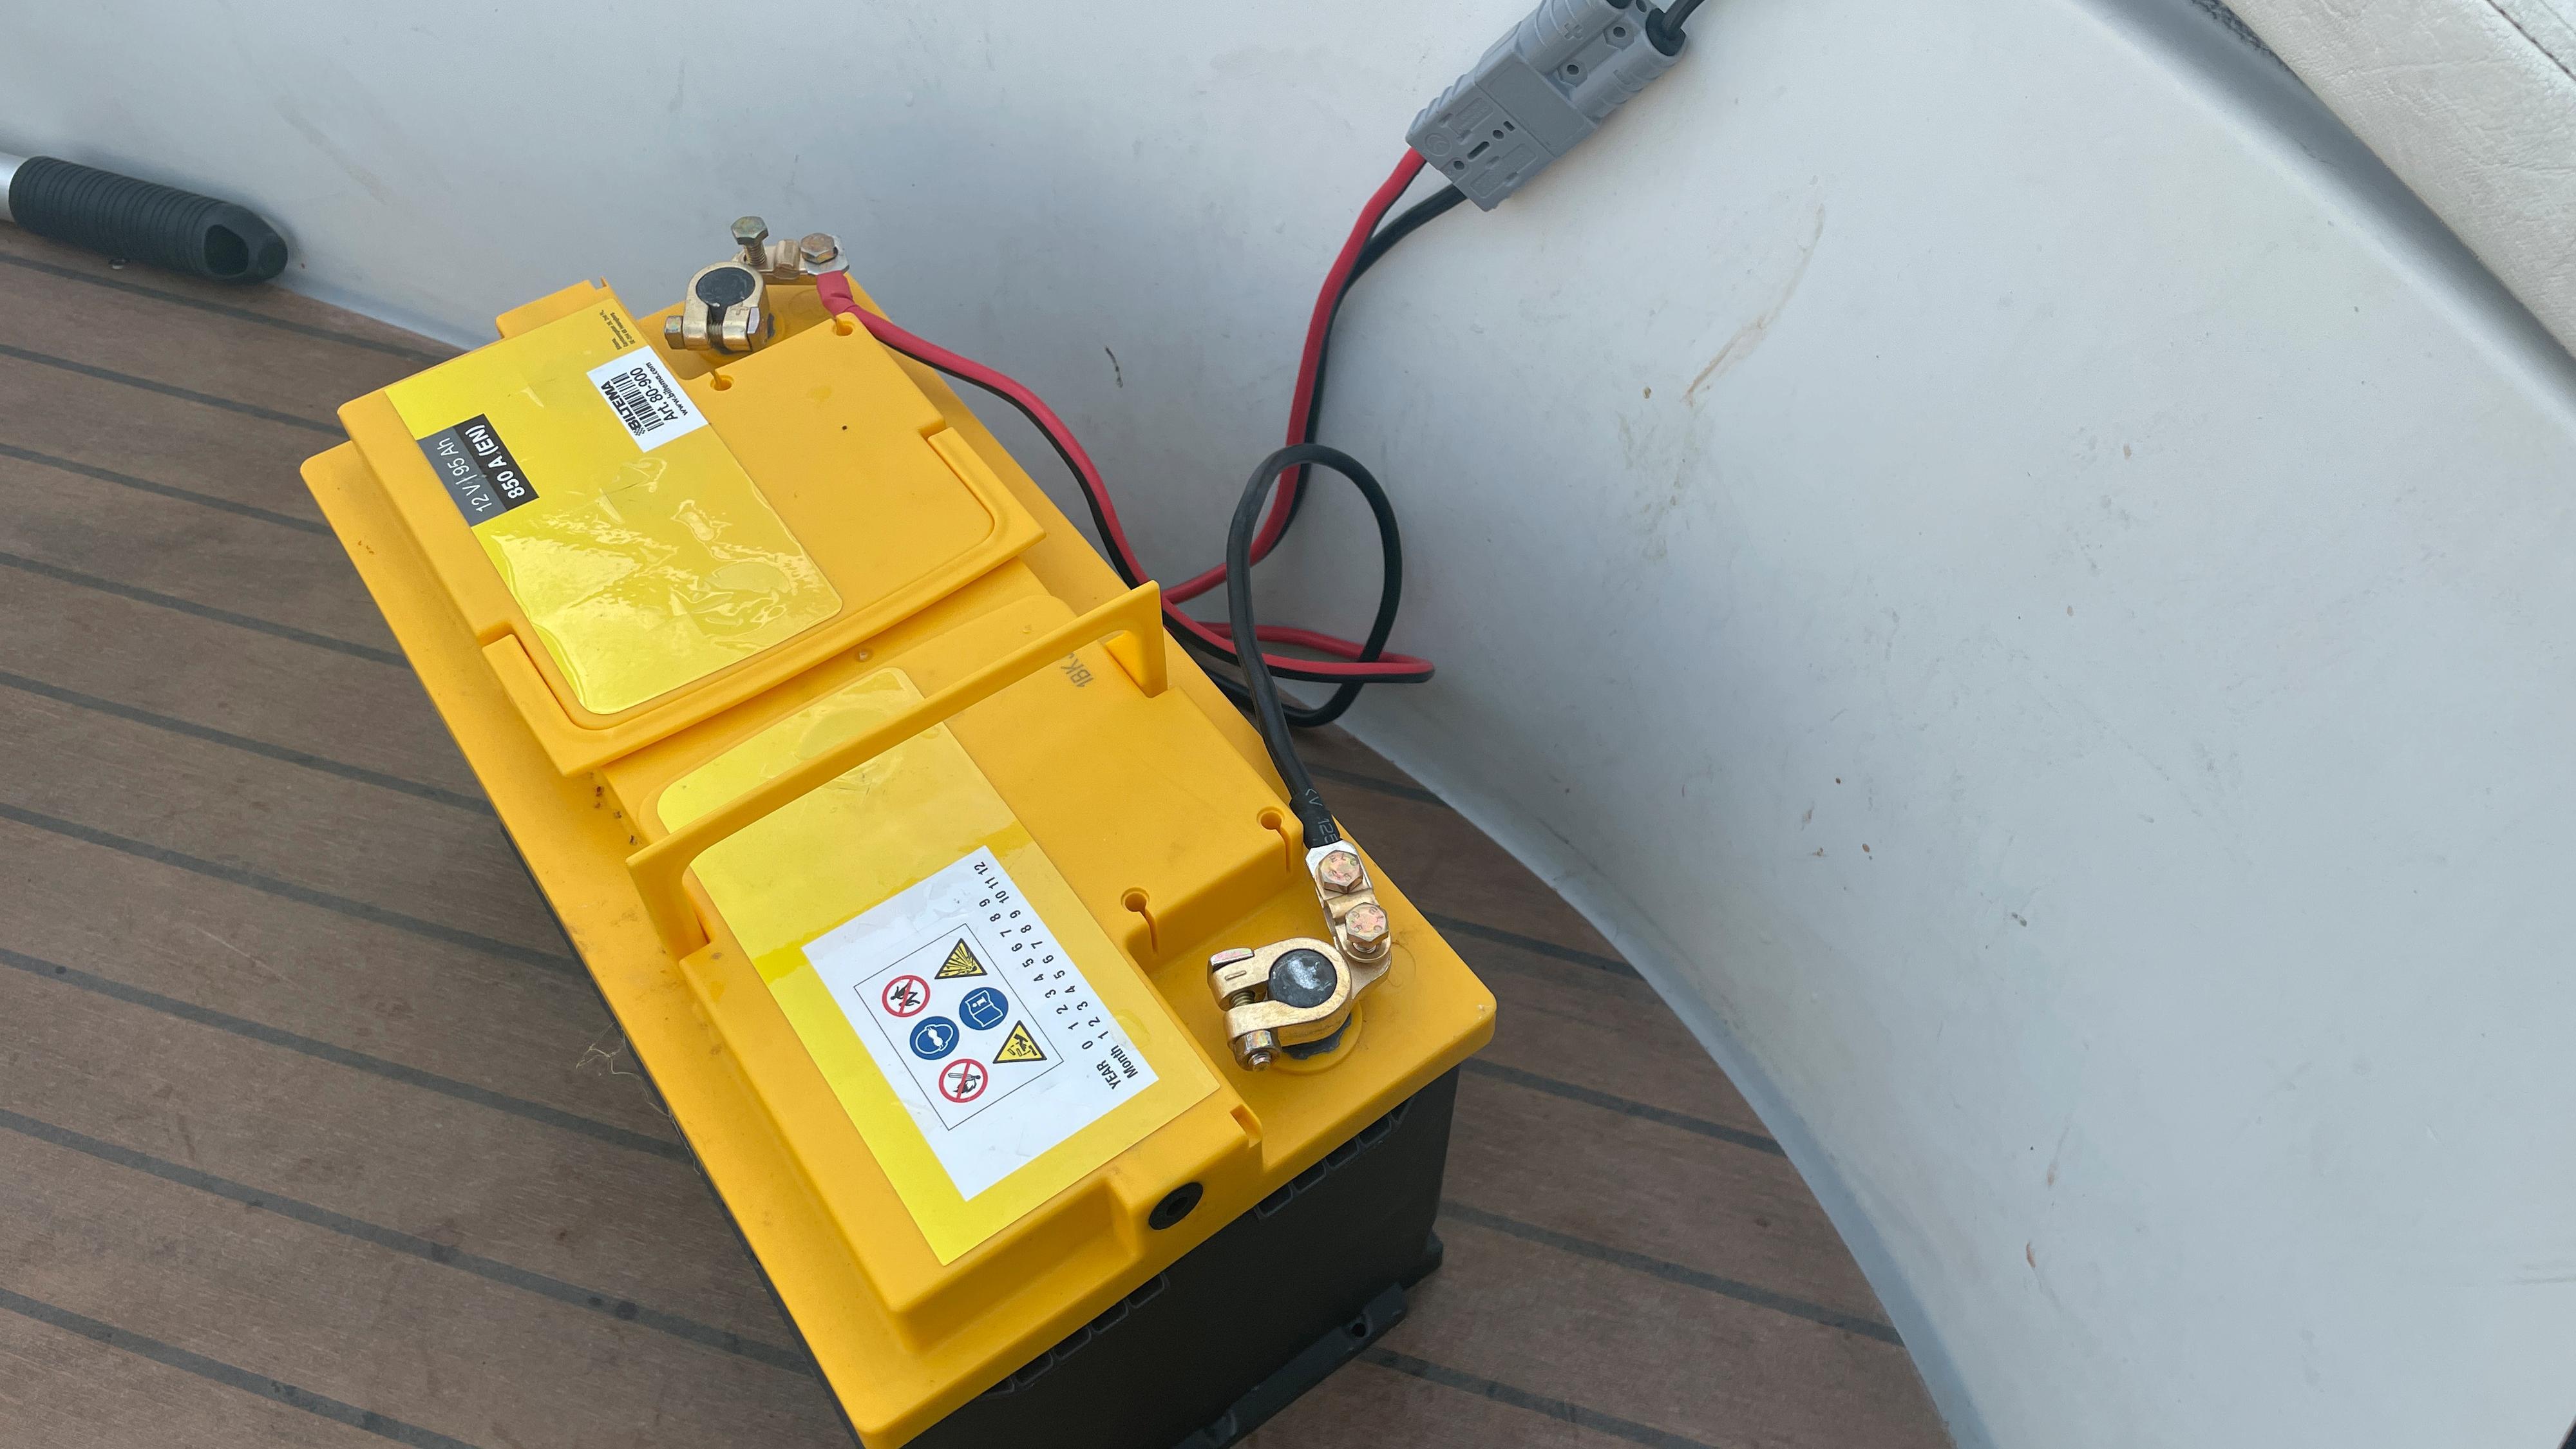 Et digert marinbatteri ble levert med motoren, men du kan også bruke andre og mer moderne «bilbatterier» til å drive motoren. 75 amperetimer gir rundt 80 minutter drift på full fres.